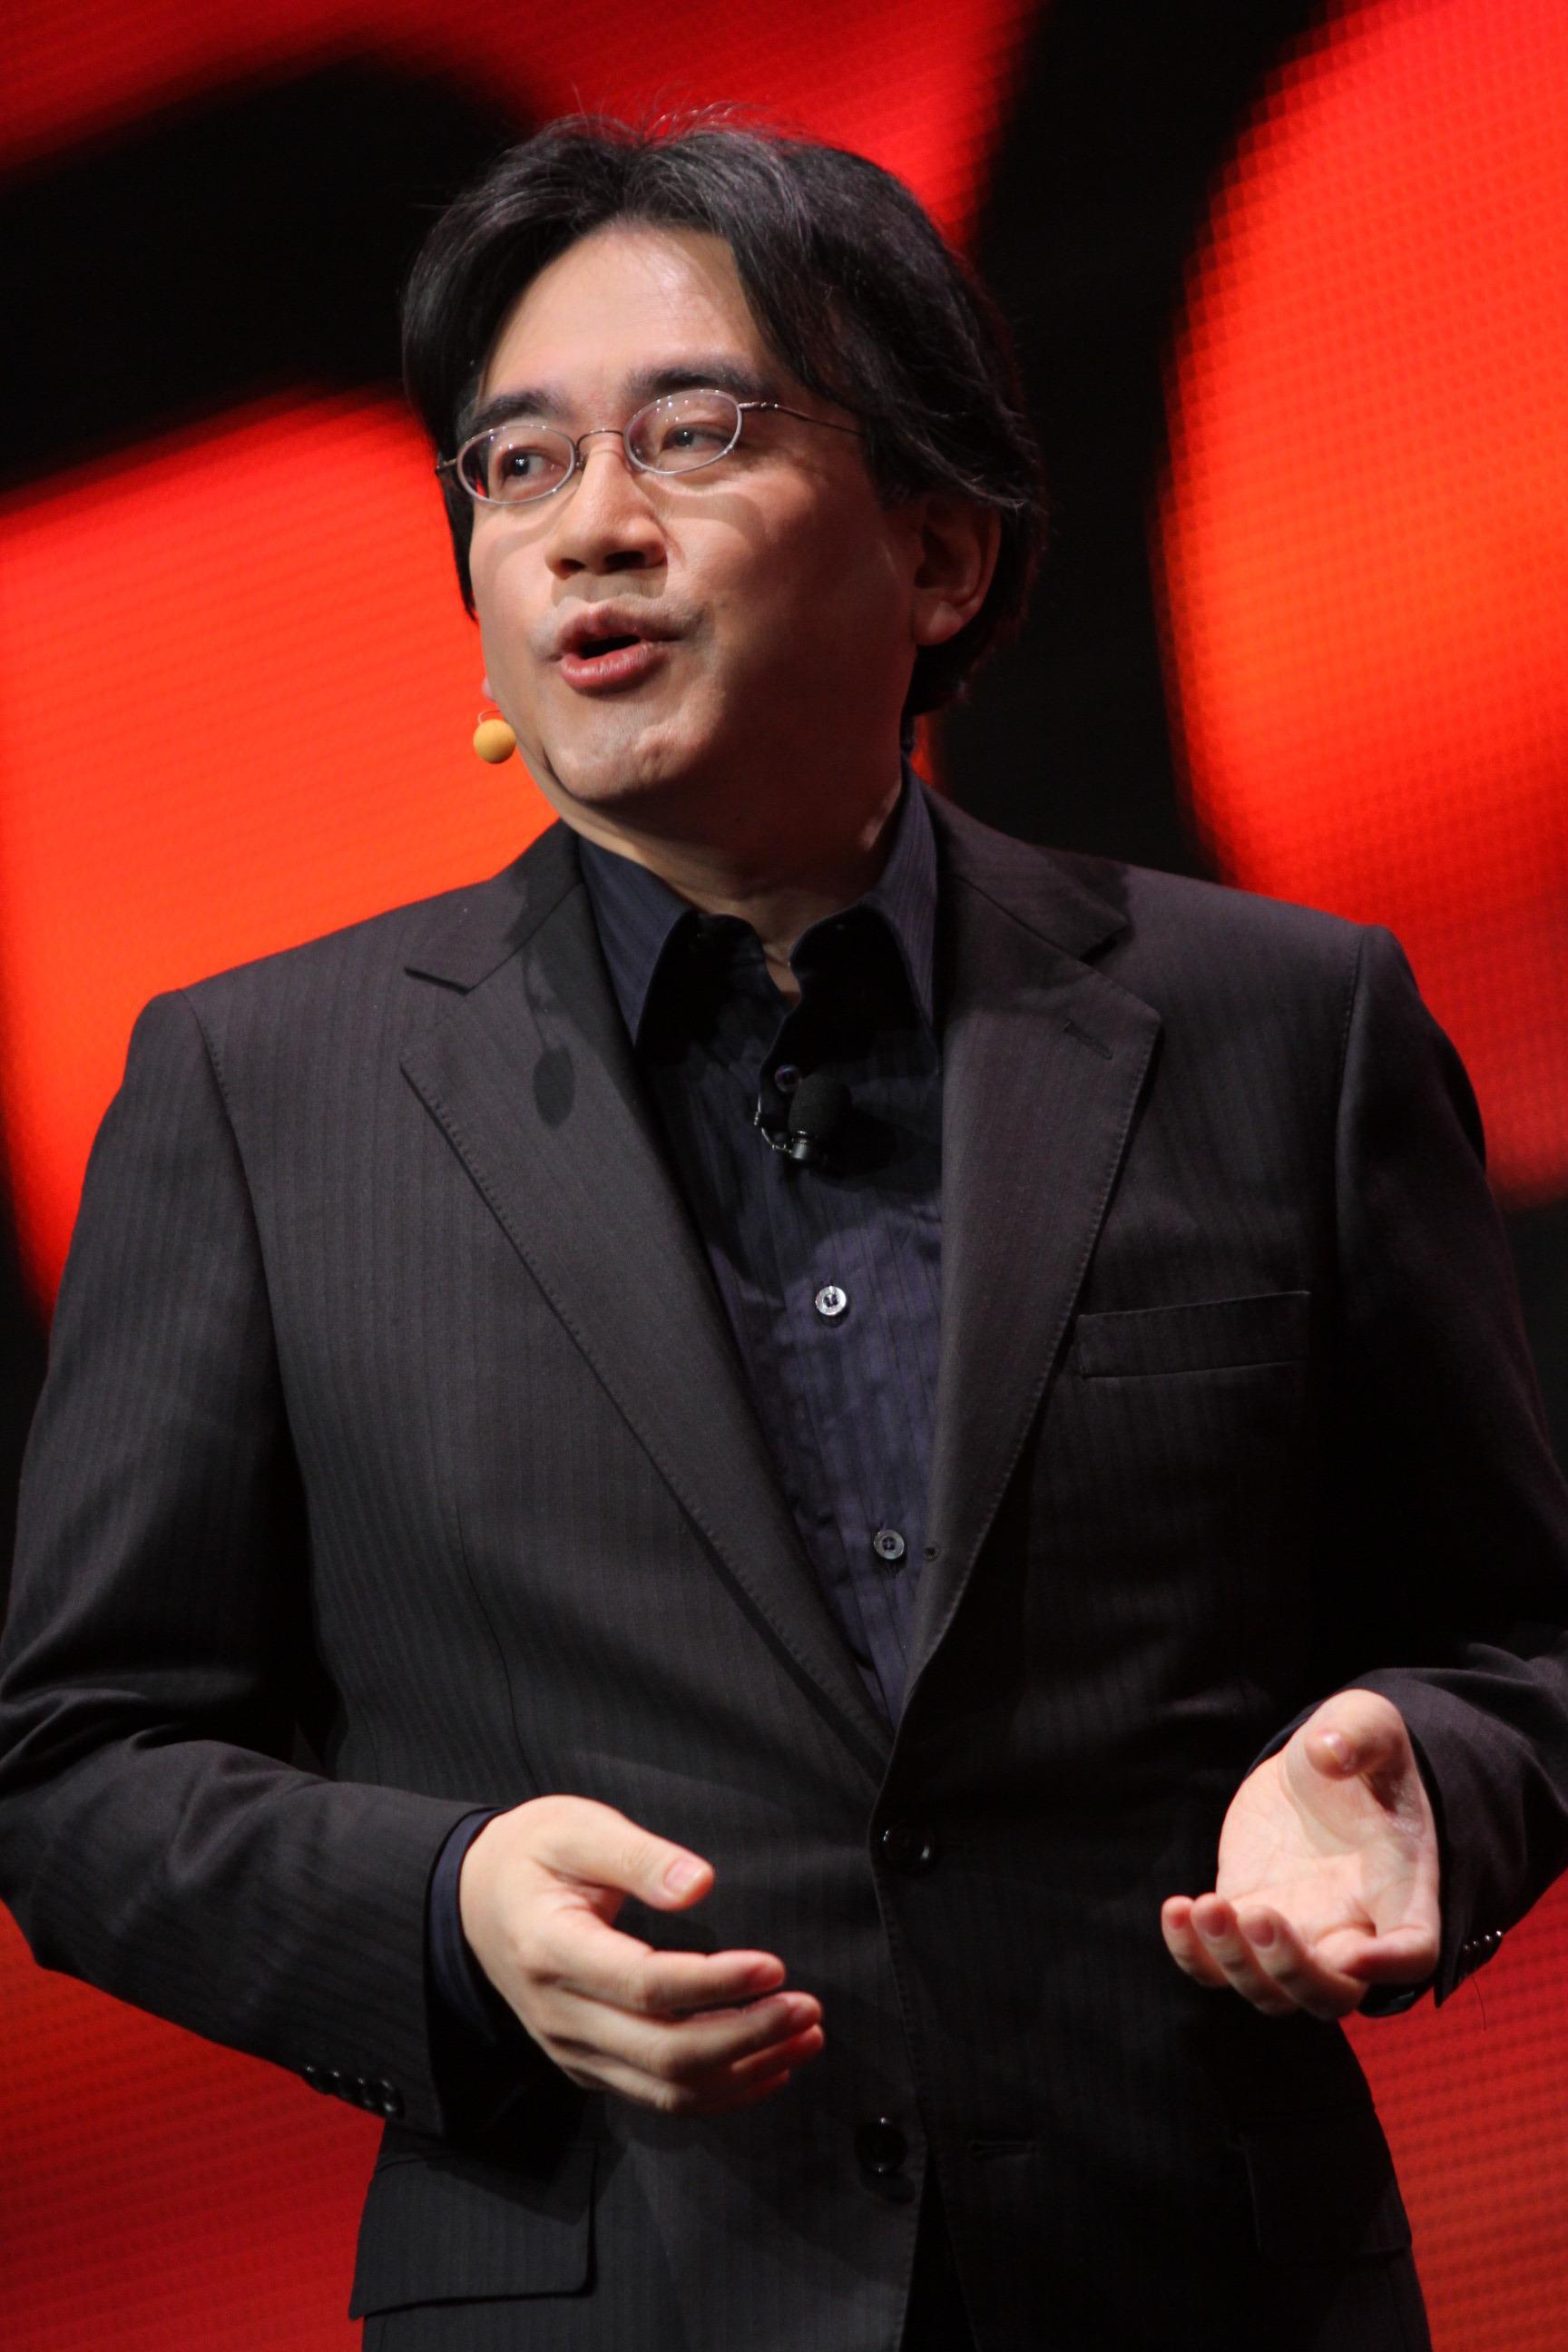 Nintendo-sjefen Saturo Iwata har sagt at Wii U-oppfølgeren vil by på noe helt nytt, men det er uvisst hva. Foto: Wikipedia